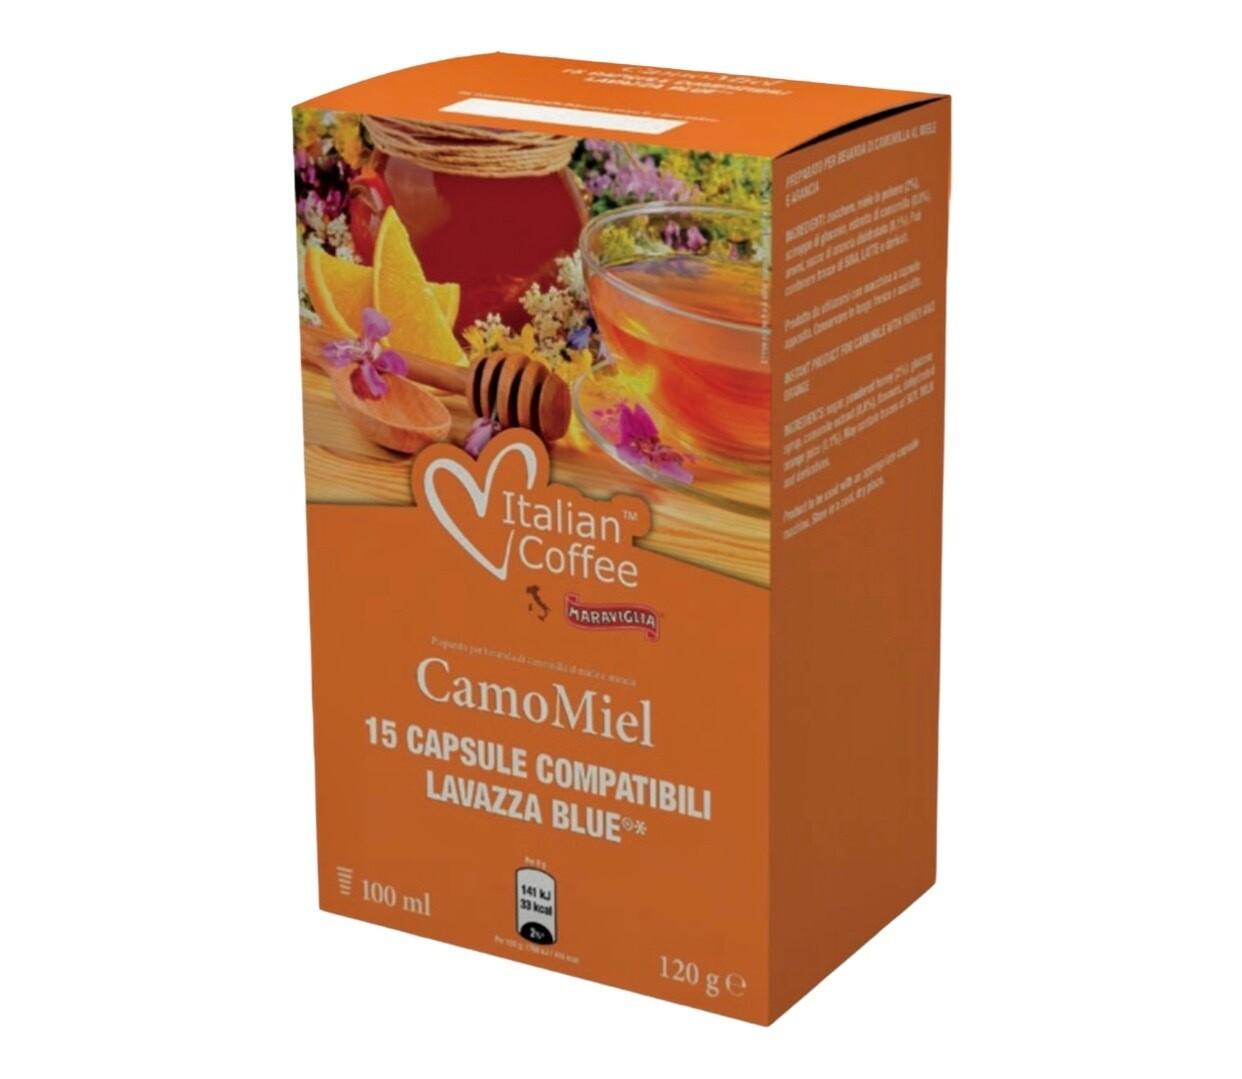 Italian Coffee*comp.Lavazza Blue Camomiel Камилица-Мед Чај х15капсули